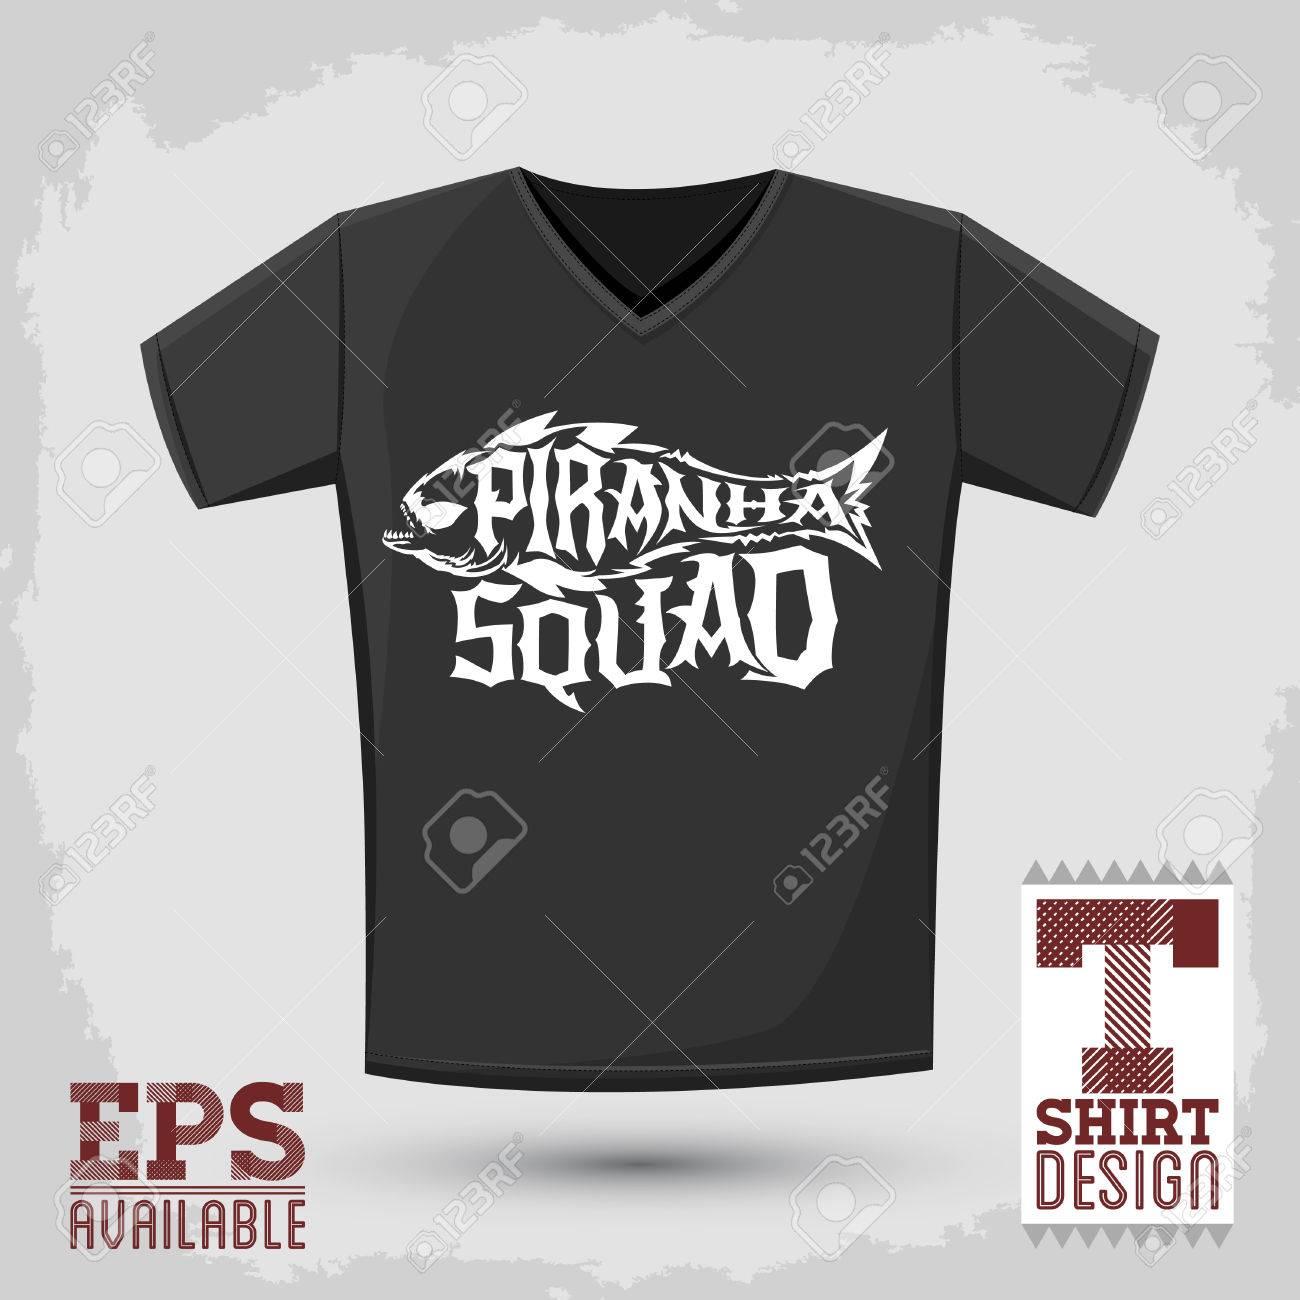 Piranha Plantilla - Emblema Plantilla Camiseta De La Impresión ...